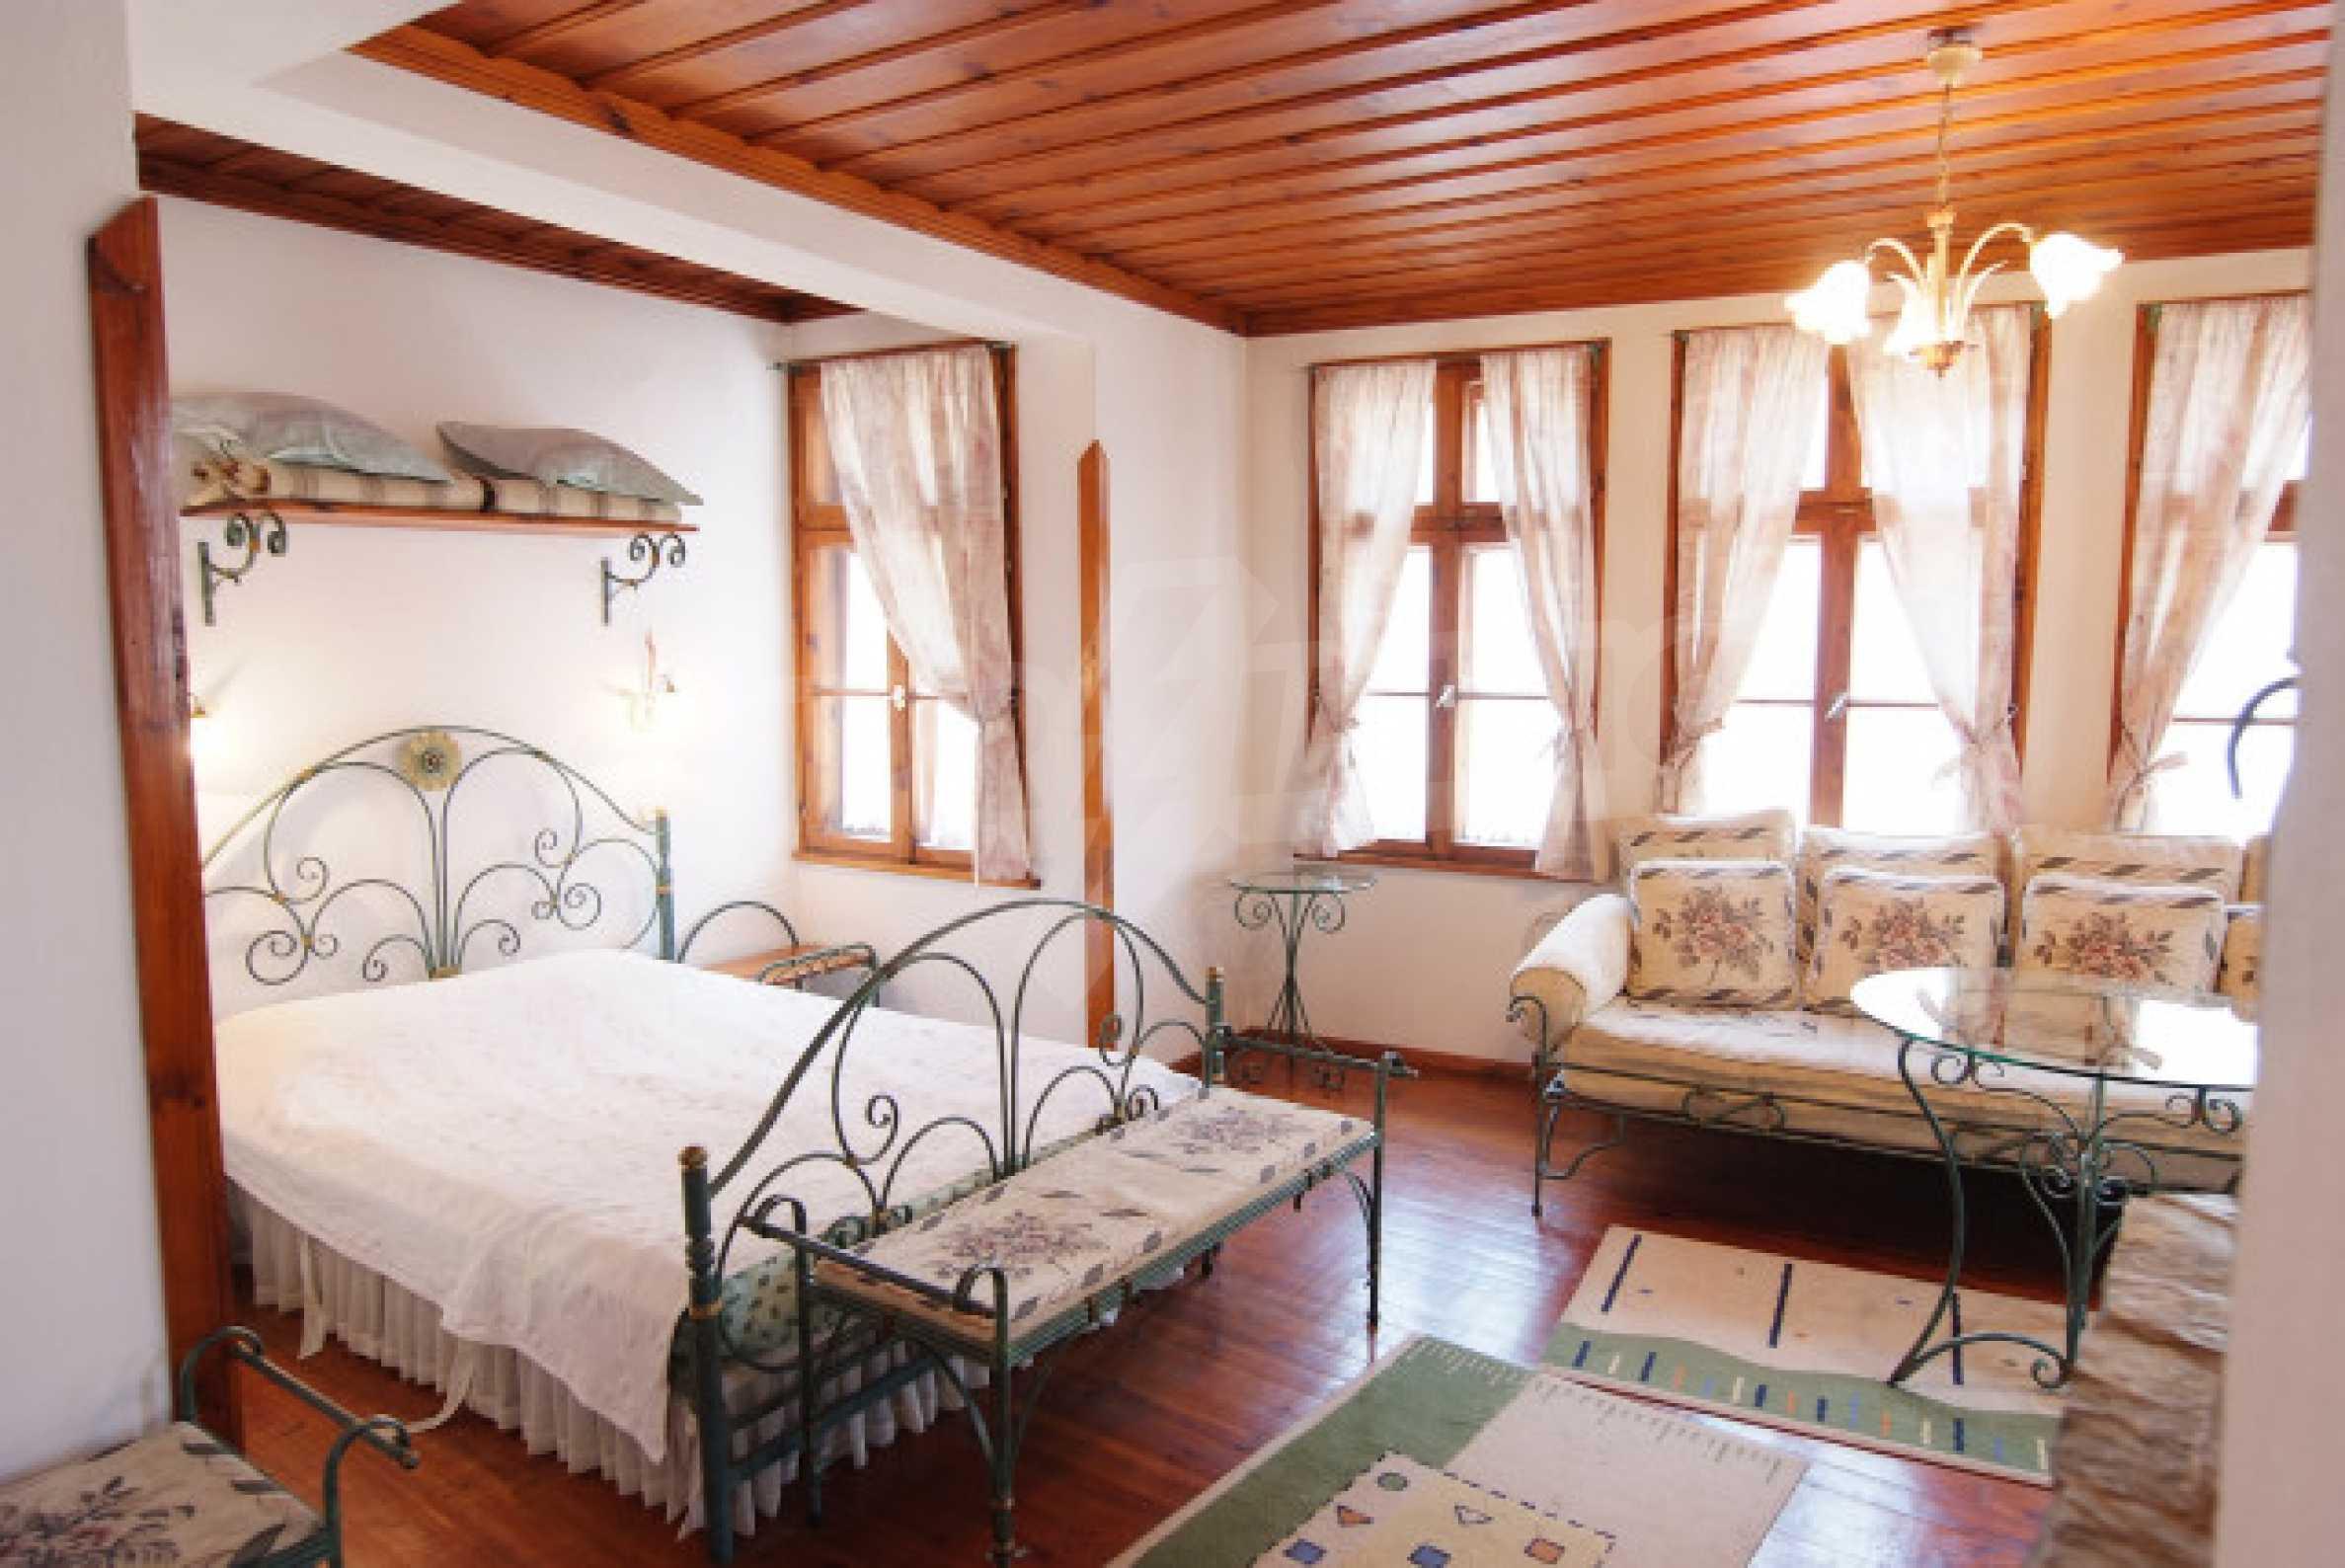 Гостиница, Отель в г. Мелник 27